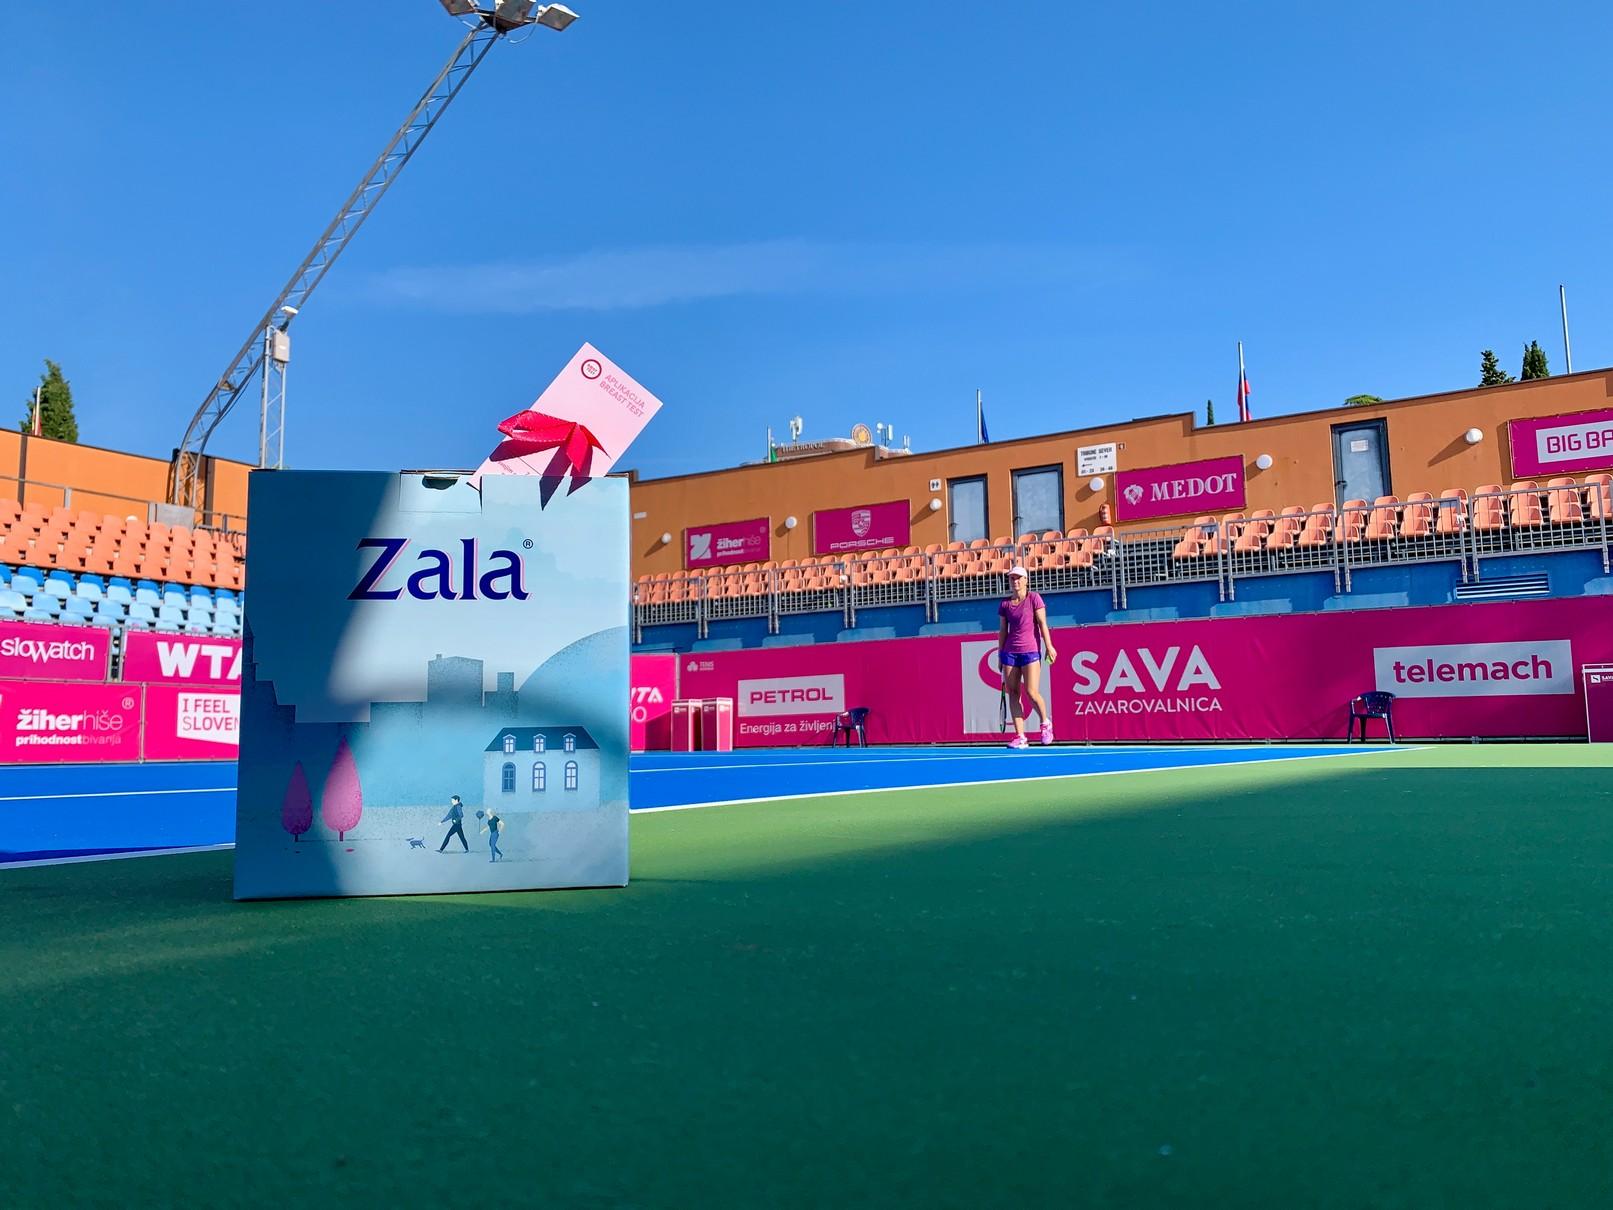 Zala 2 - Vse zmagovalke WTA turnirja v Portorožu